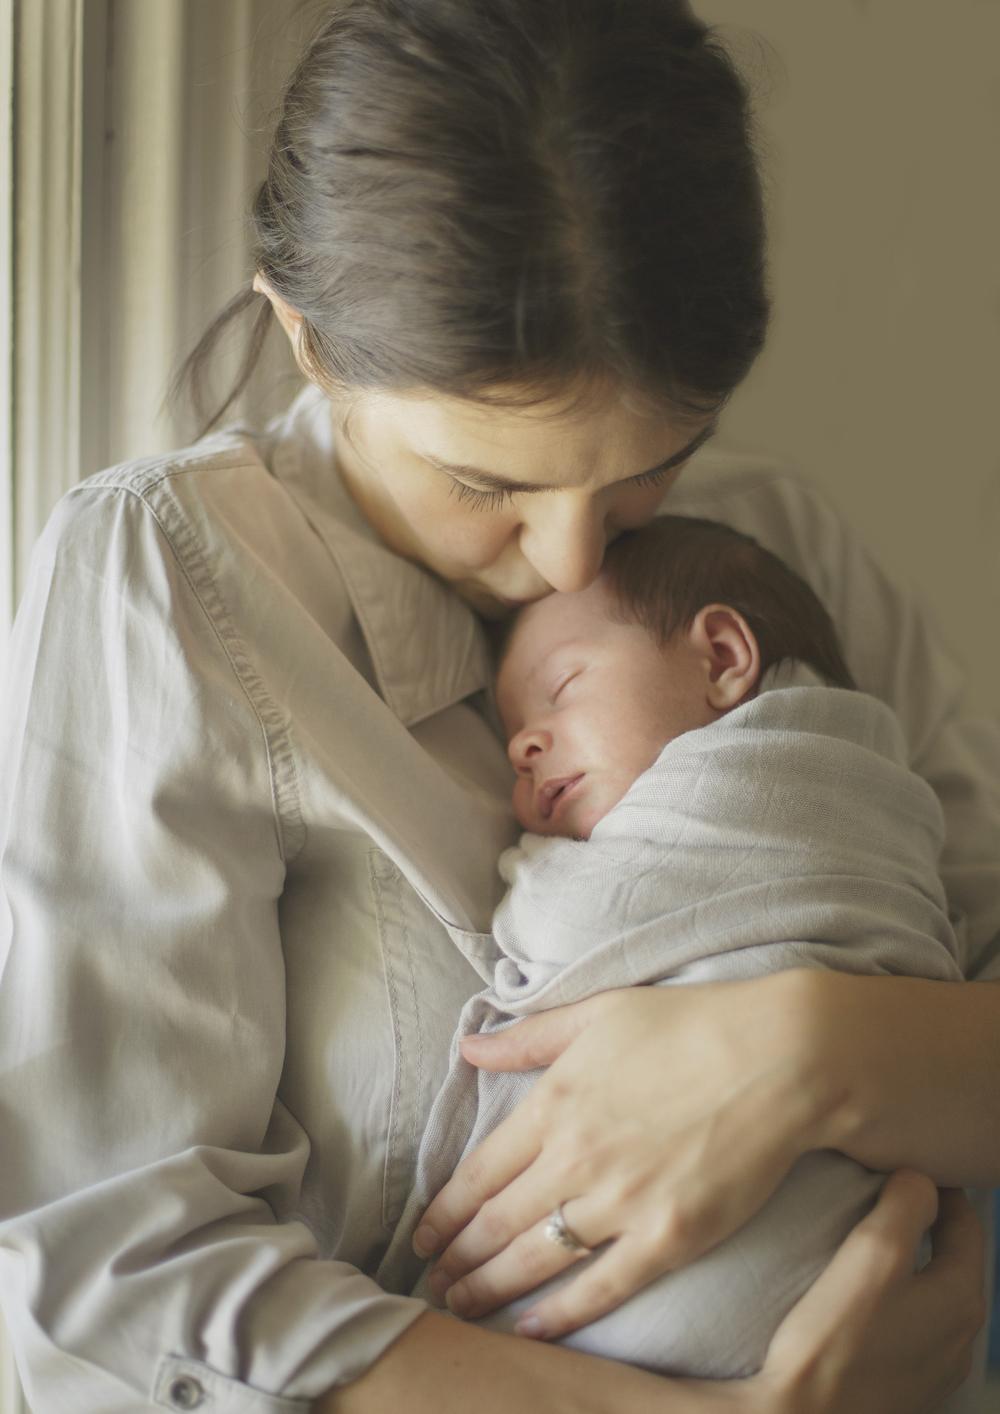 New Mum holding her newborn baby boy!